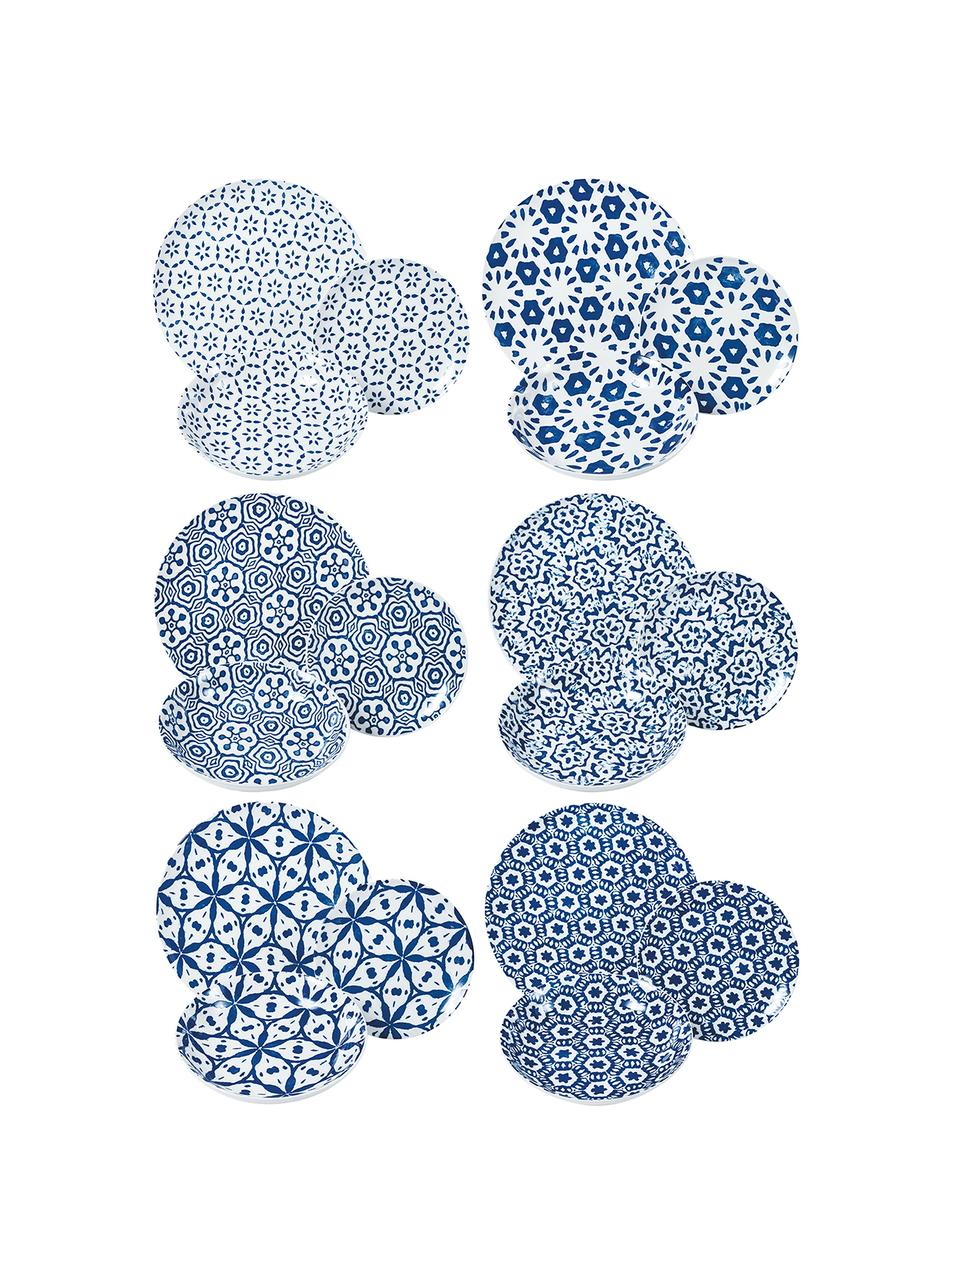 Gemustertes Geschirr-Set Bodrum in Blau/Weiß, 6 Personen (18-tlg.), Porzellan, Blau, Weiß, Sondergrößen